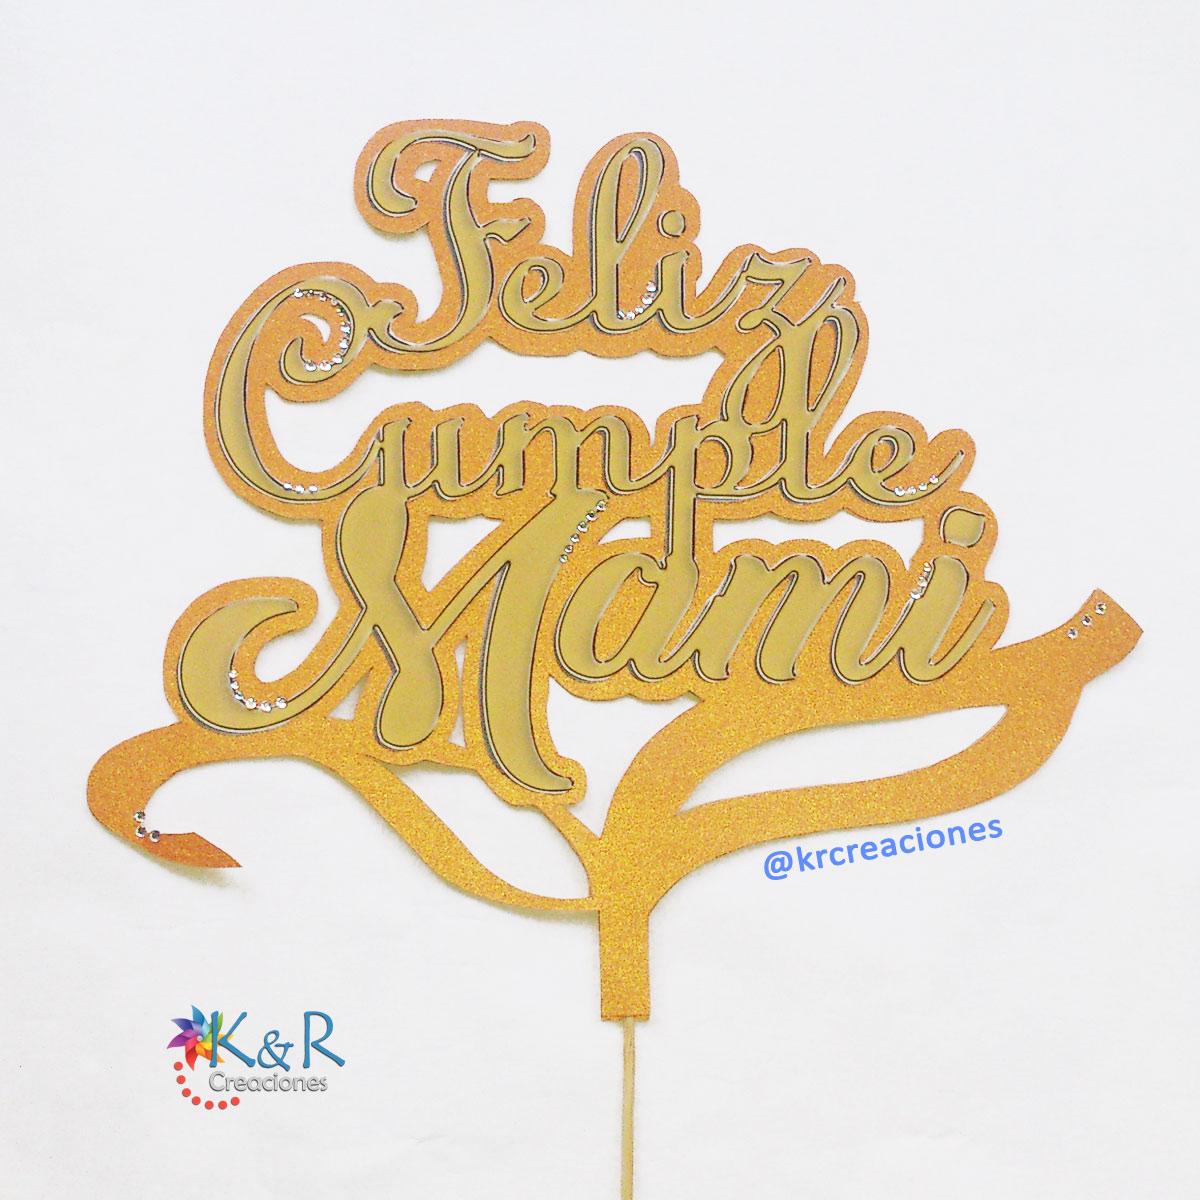 KyR Creaciones: Topper para Torta de Cumpleaños